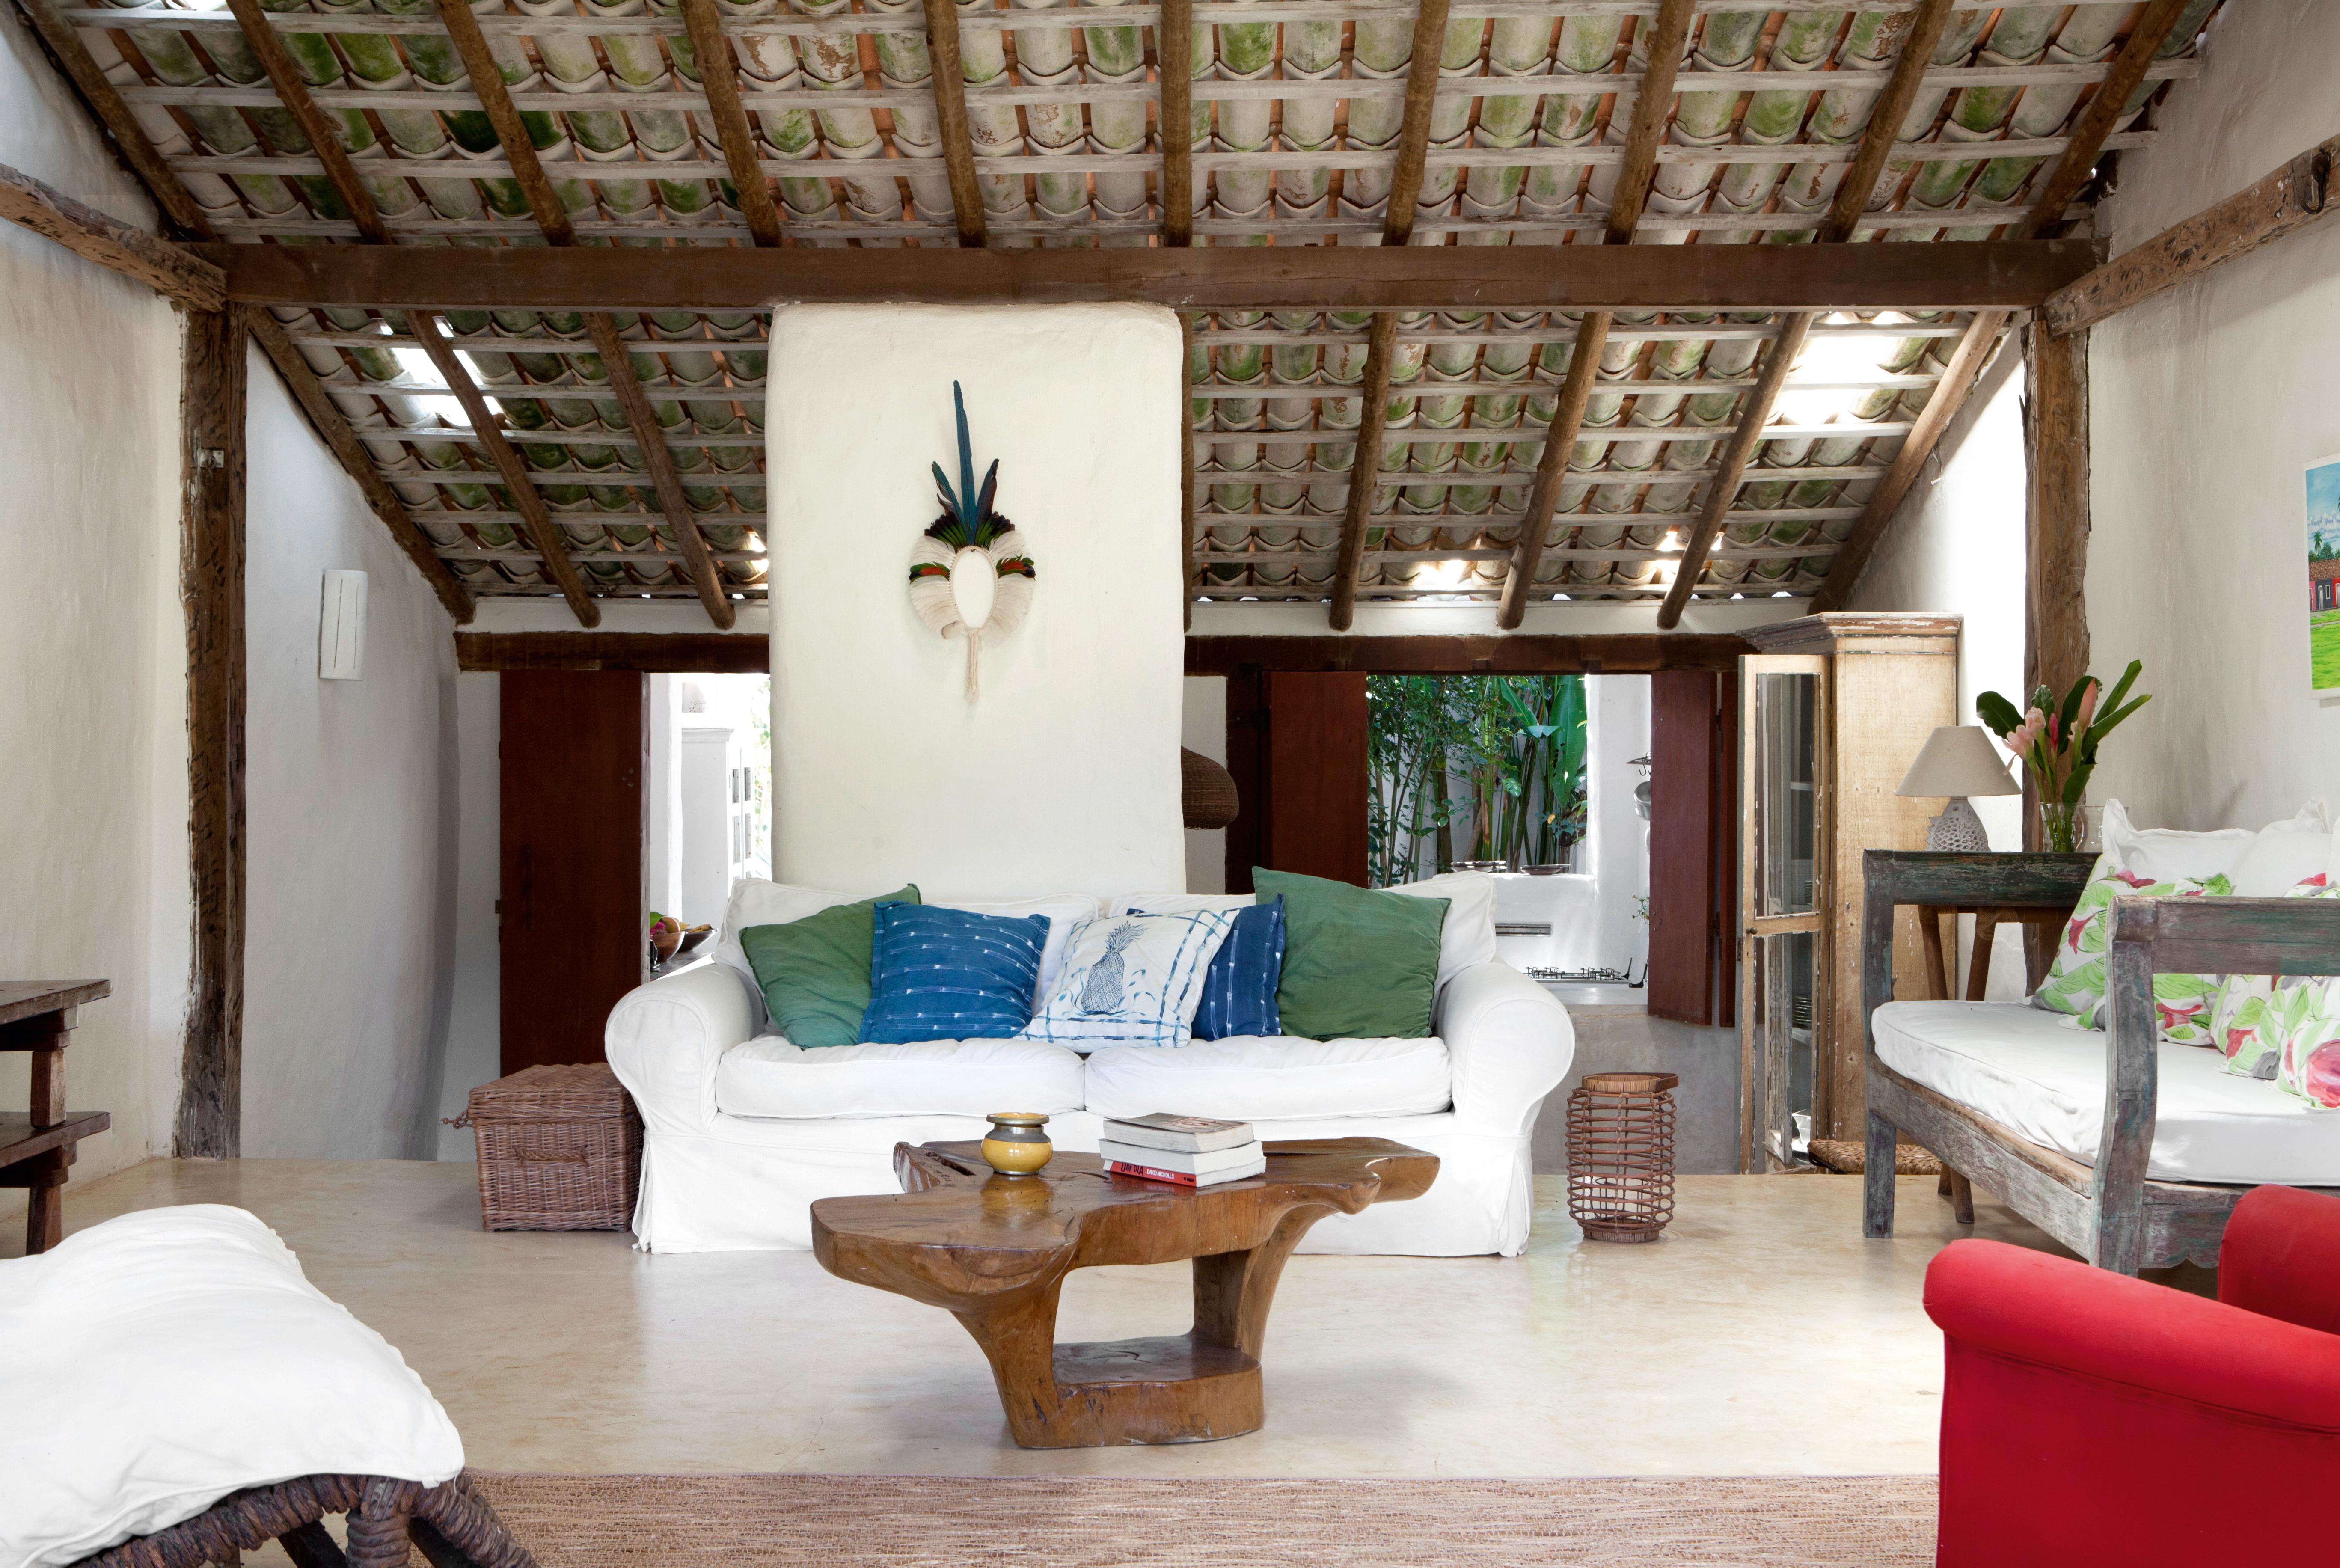 A sala de estar tem poucos móveis e permite a livre circulação. Destaque para a mesa orgânica de Hugo França, para o cocar feito por Aruê (um índio pataxó da região) e para as telhas à vista.